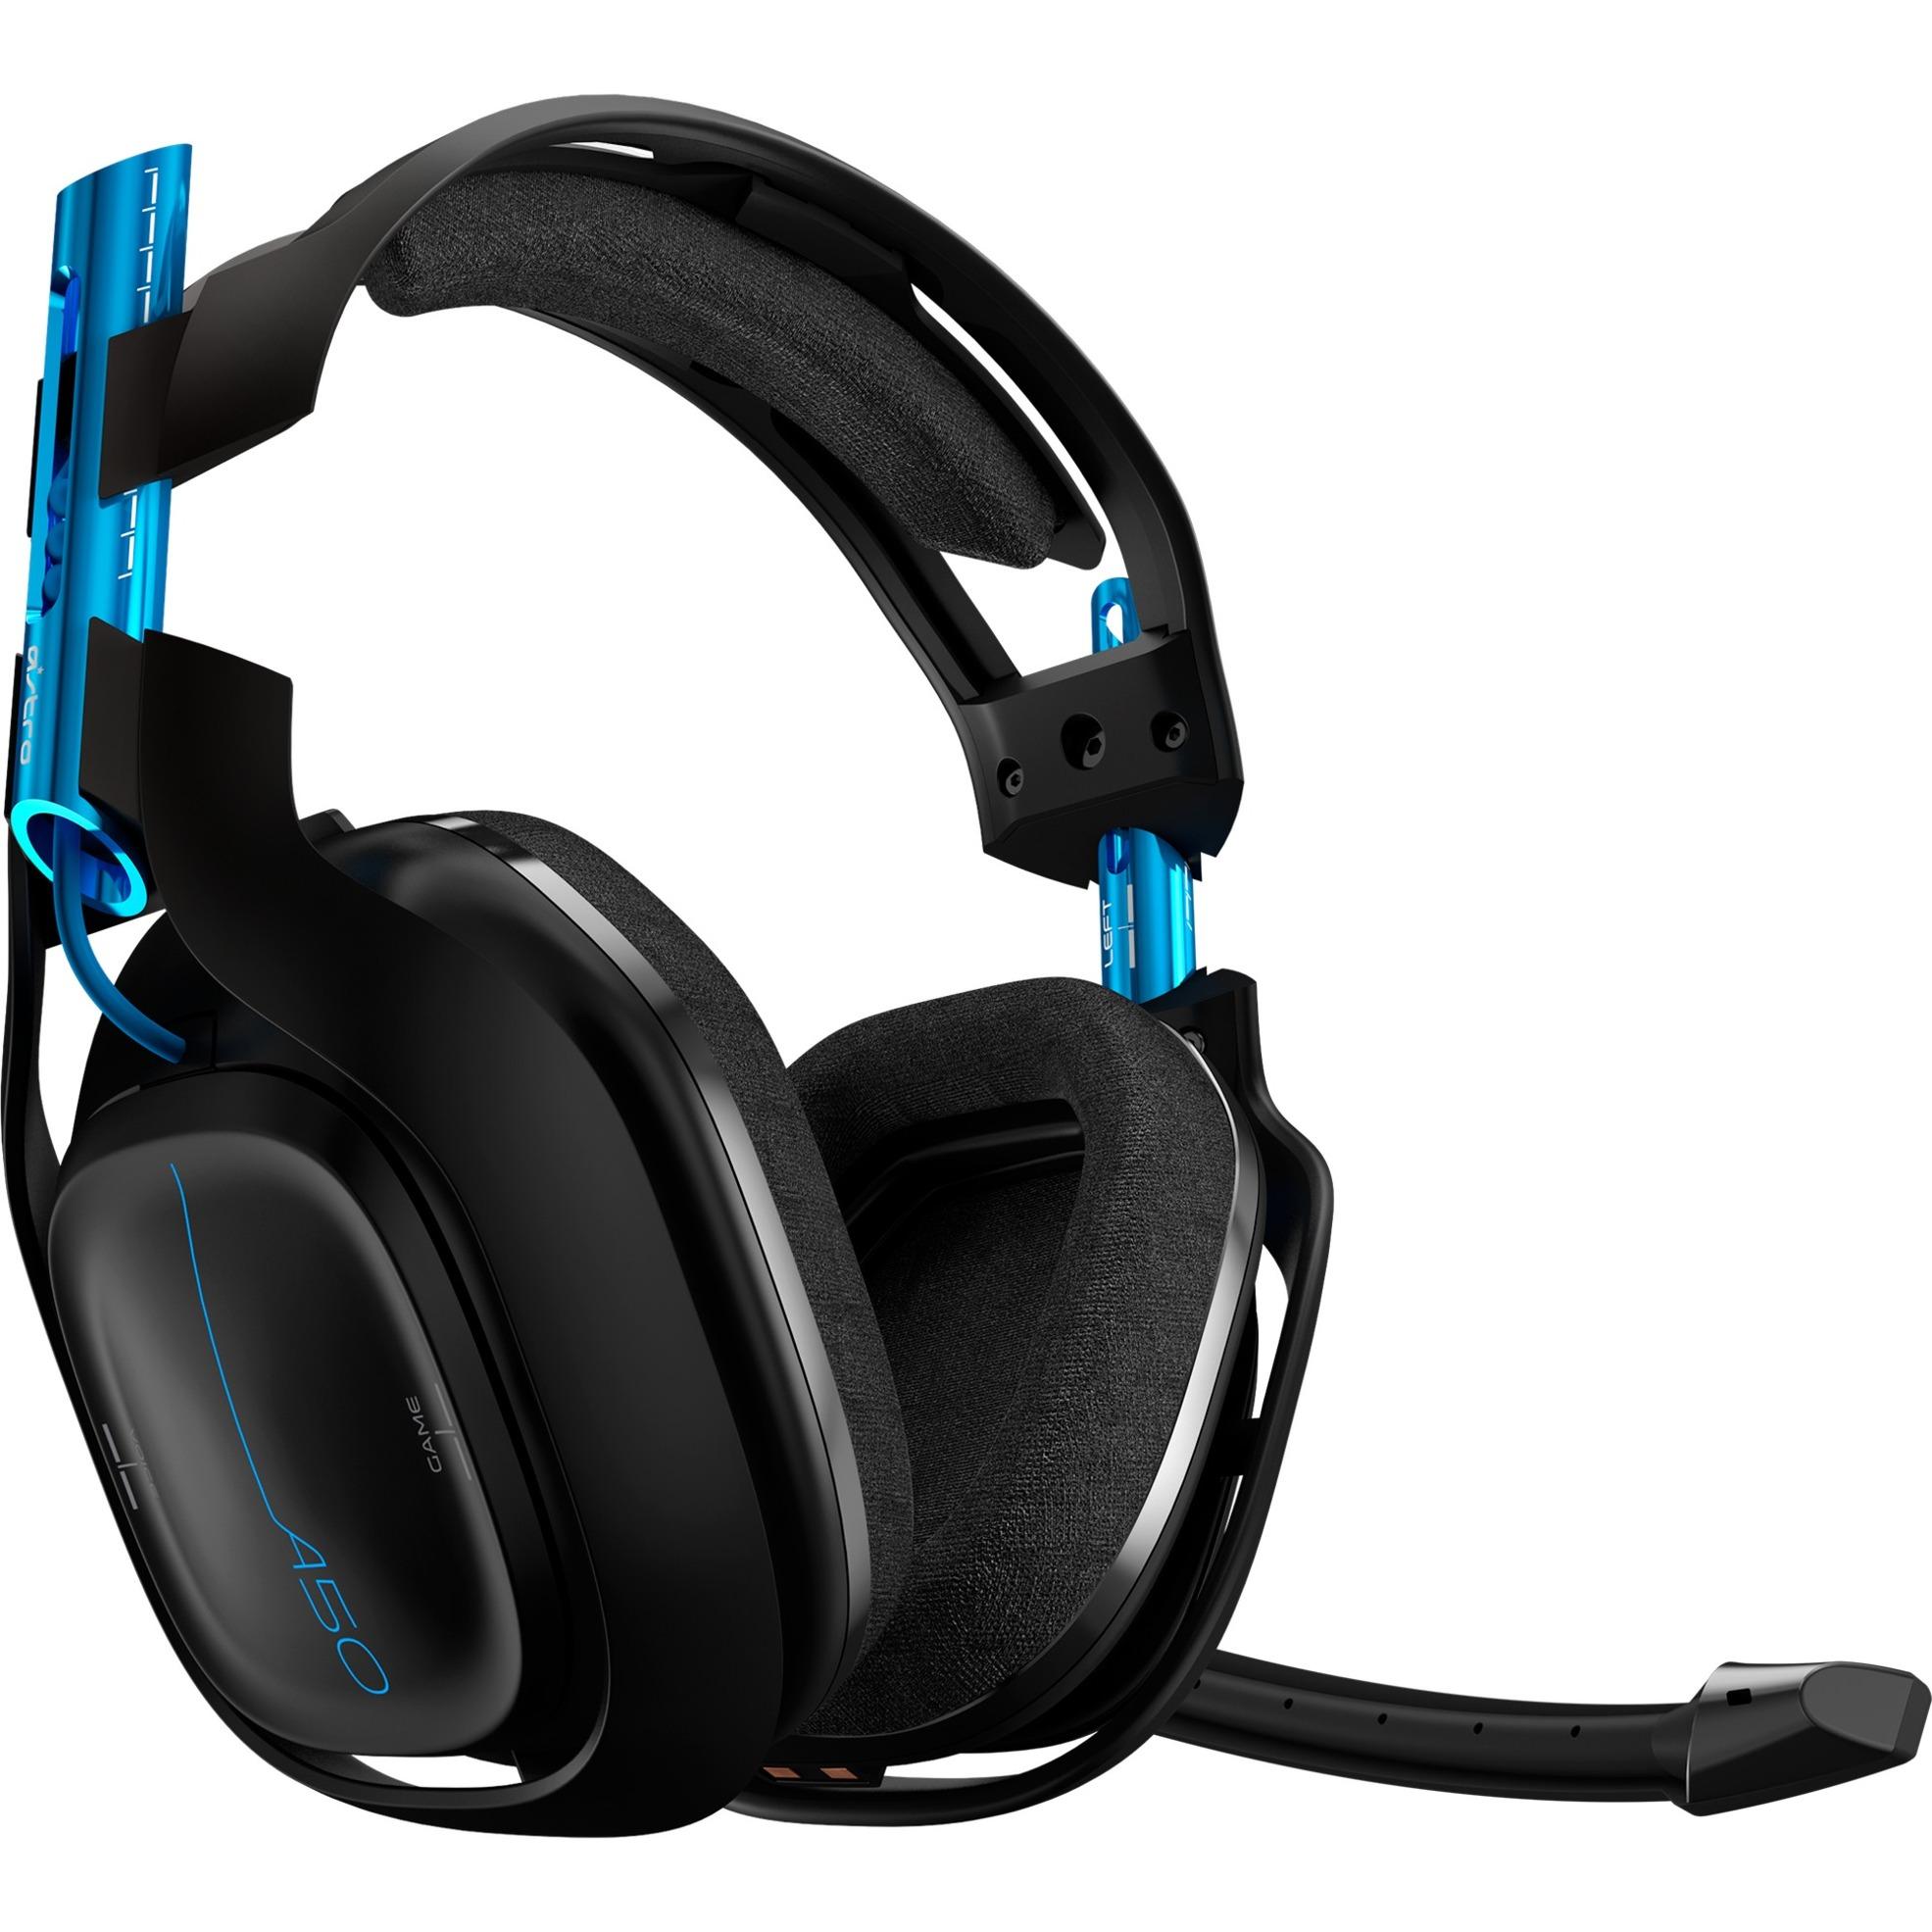 A50 Wireless Headset + Base Station Binaural Diadema Negro, Azul auricular con micrófono, Auriculares con micrófono